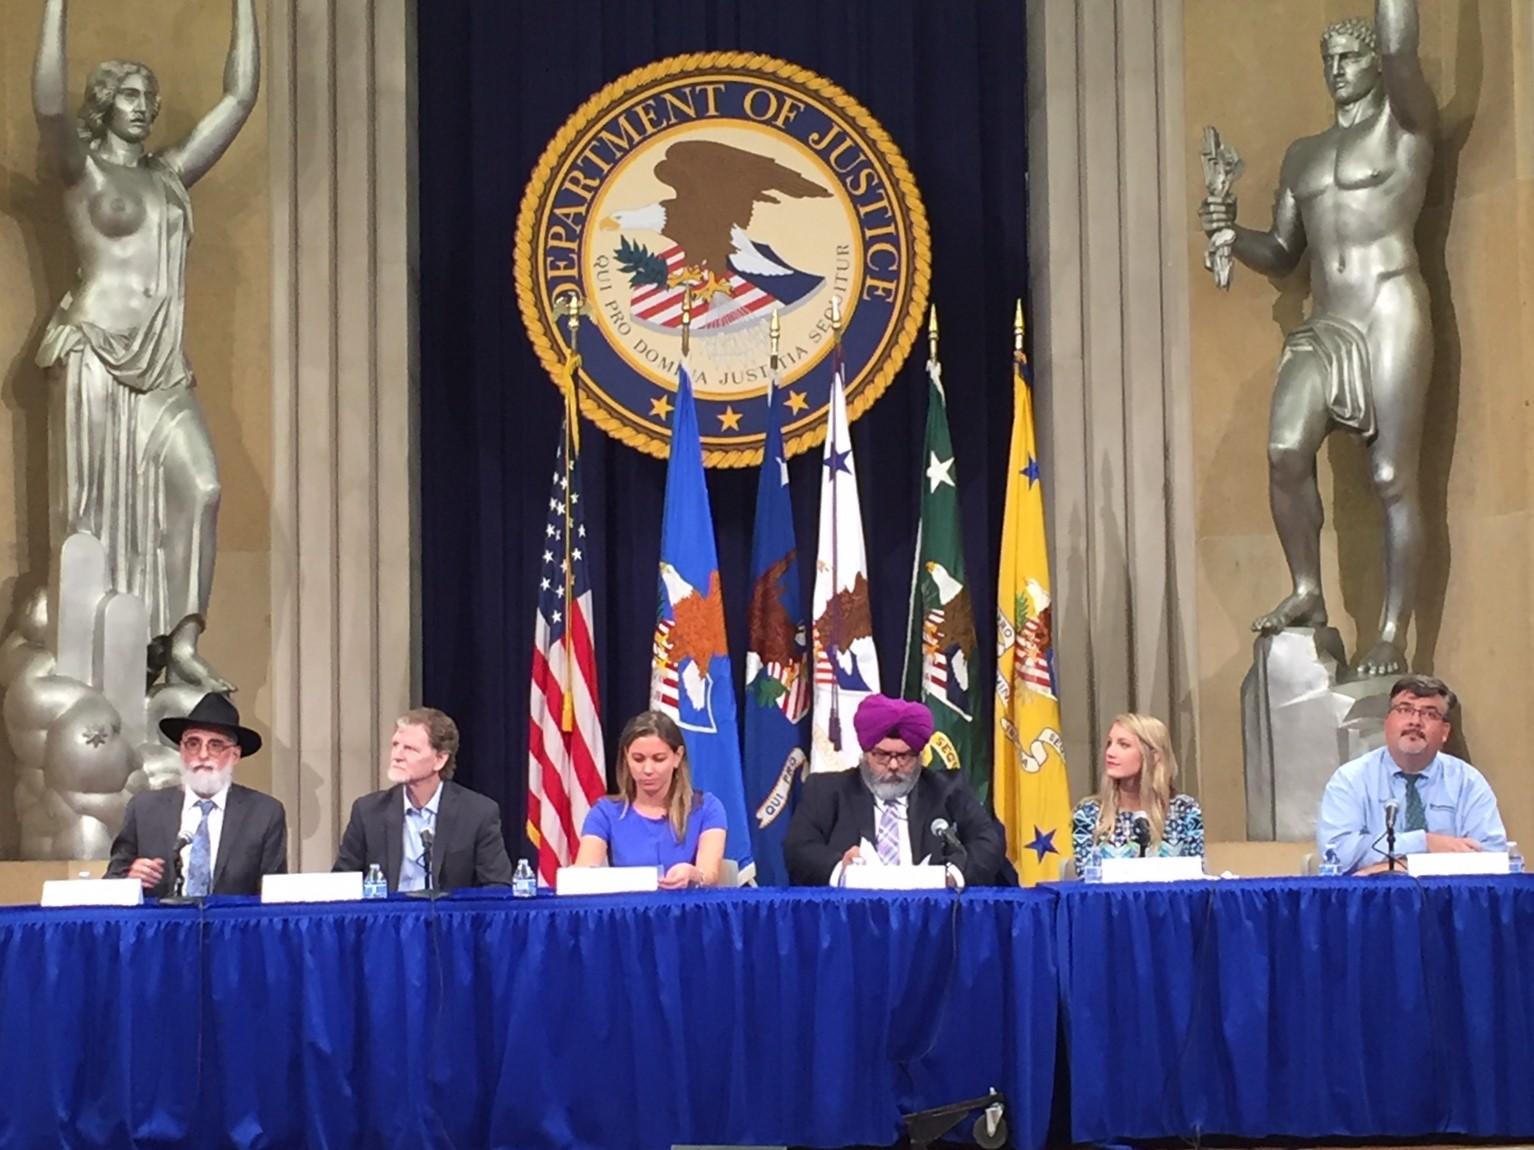 7月30日美國司法部舉辦宗教信仰自由峰會,司法部長塞申斯出席。圖為社會團體代表出席並發言。(許靜/大紀元)